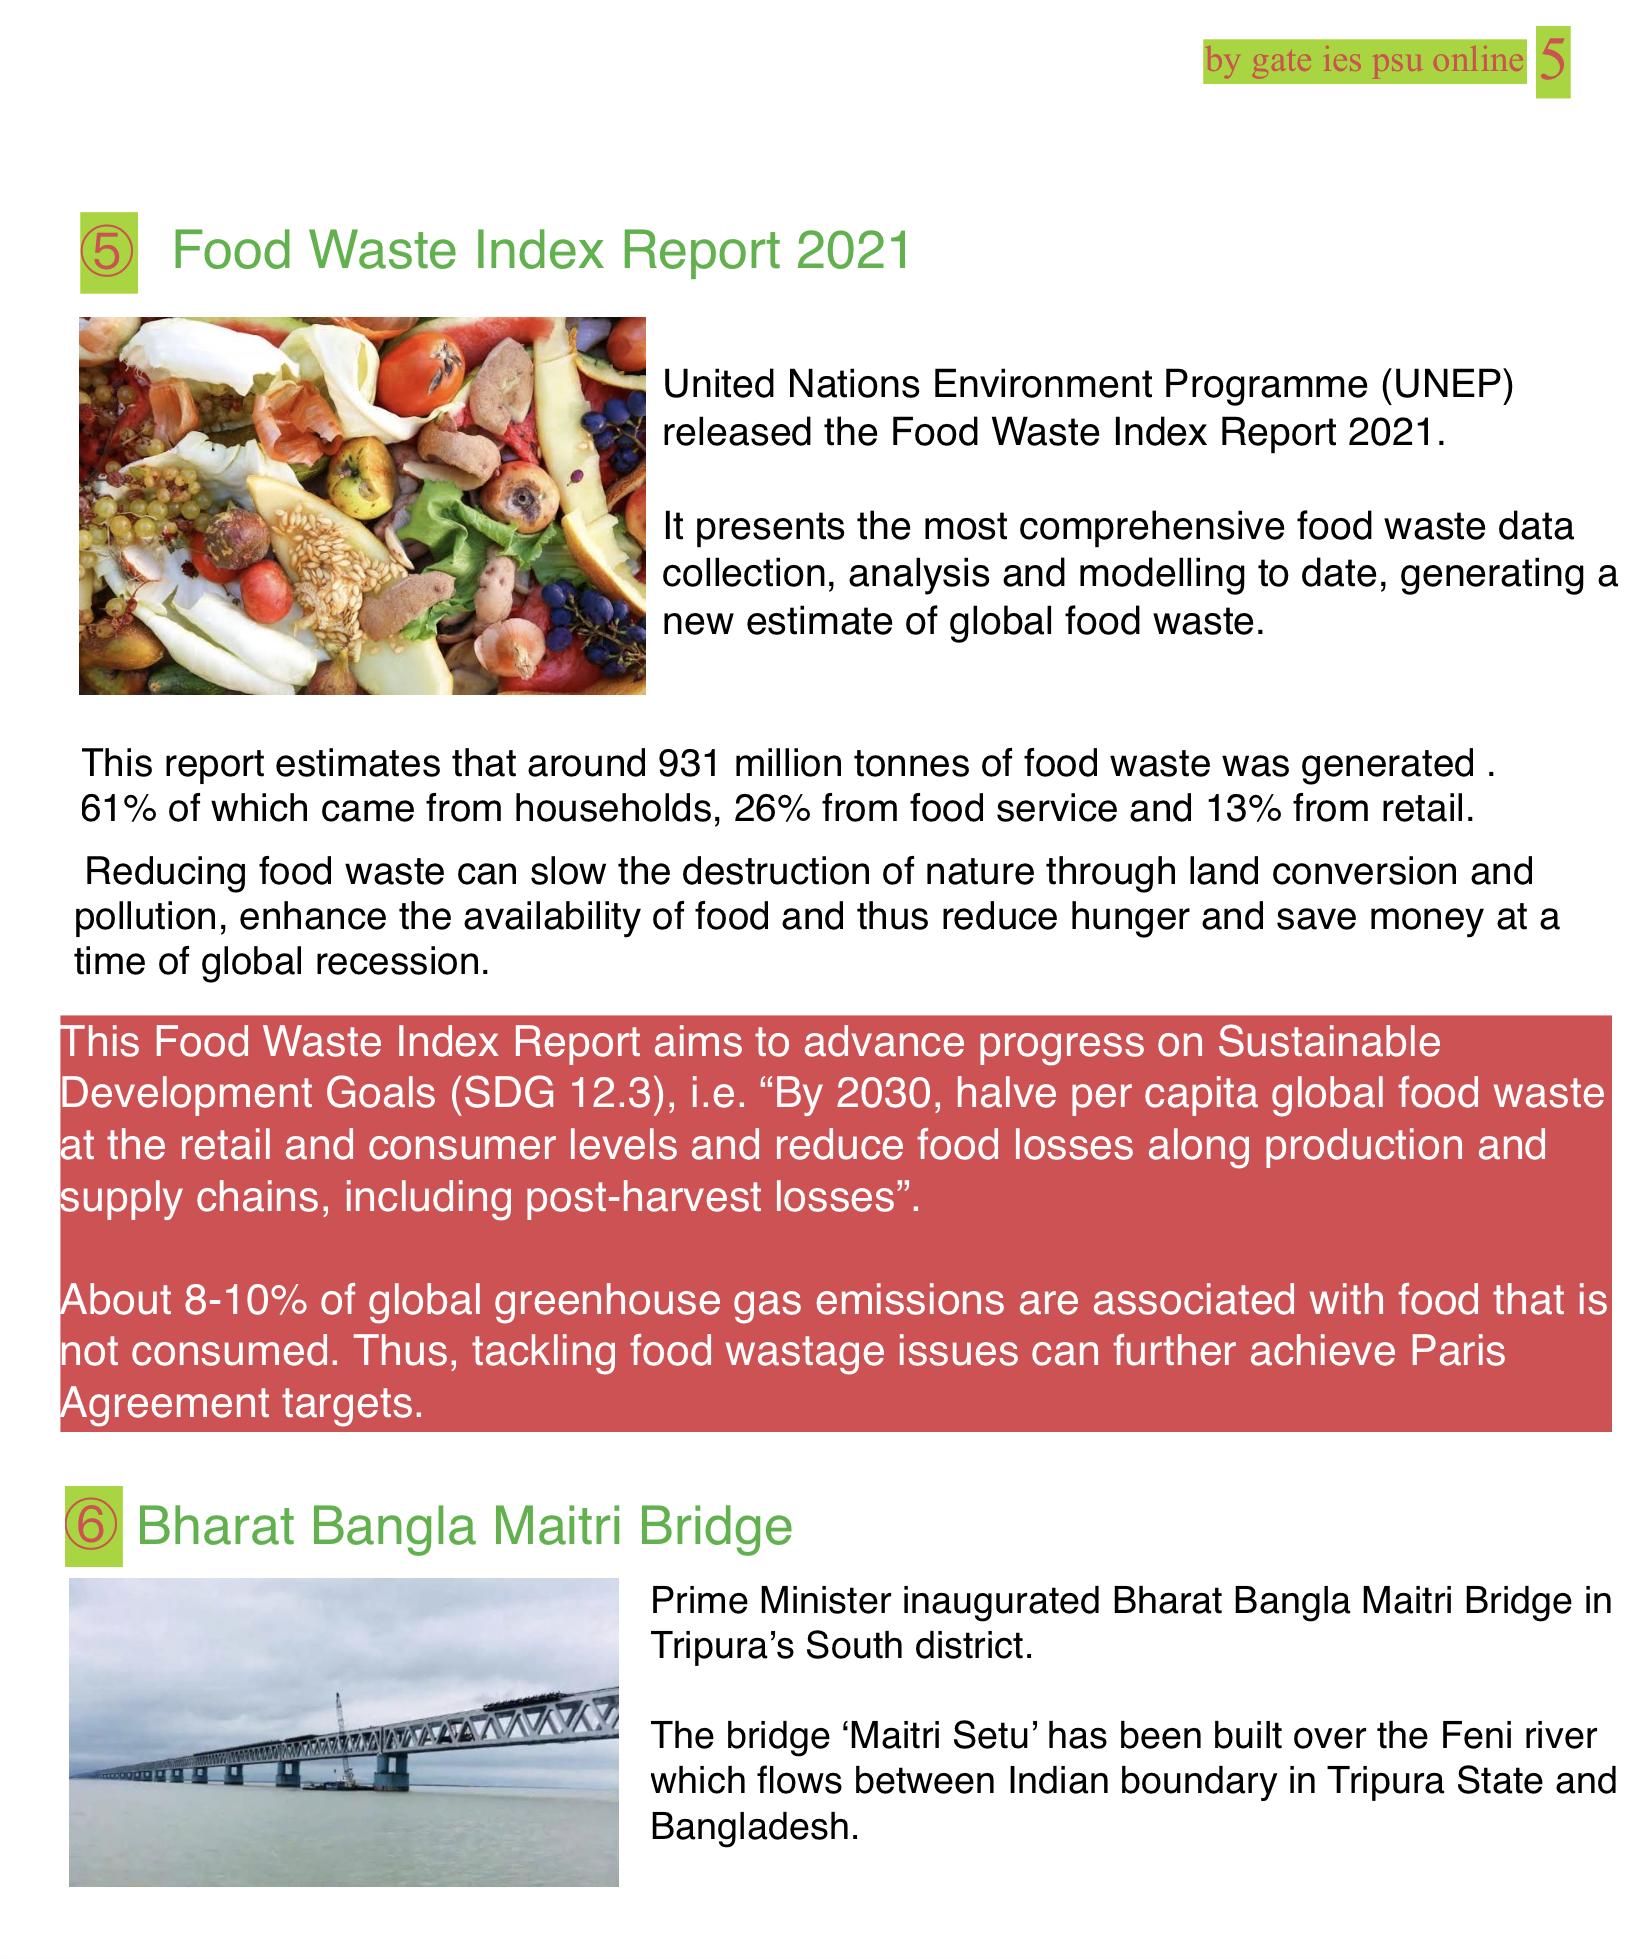 food waste index report 2021 UNEP